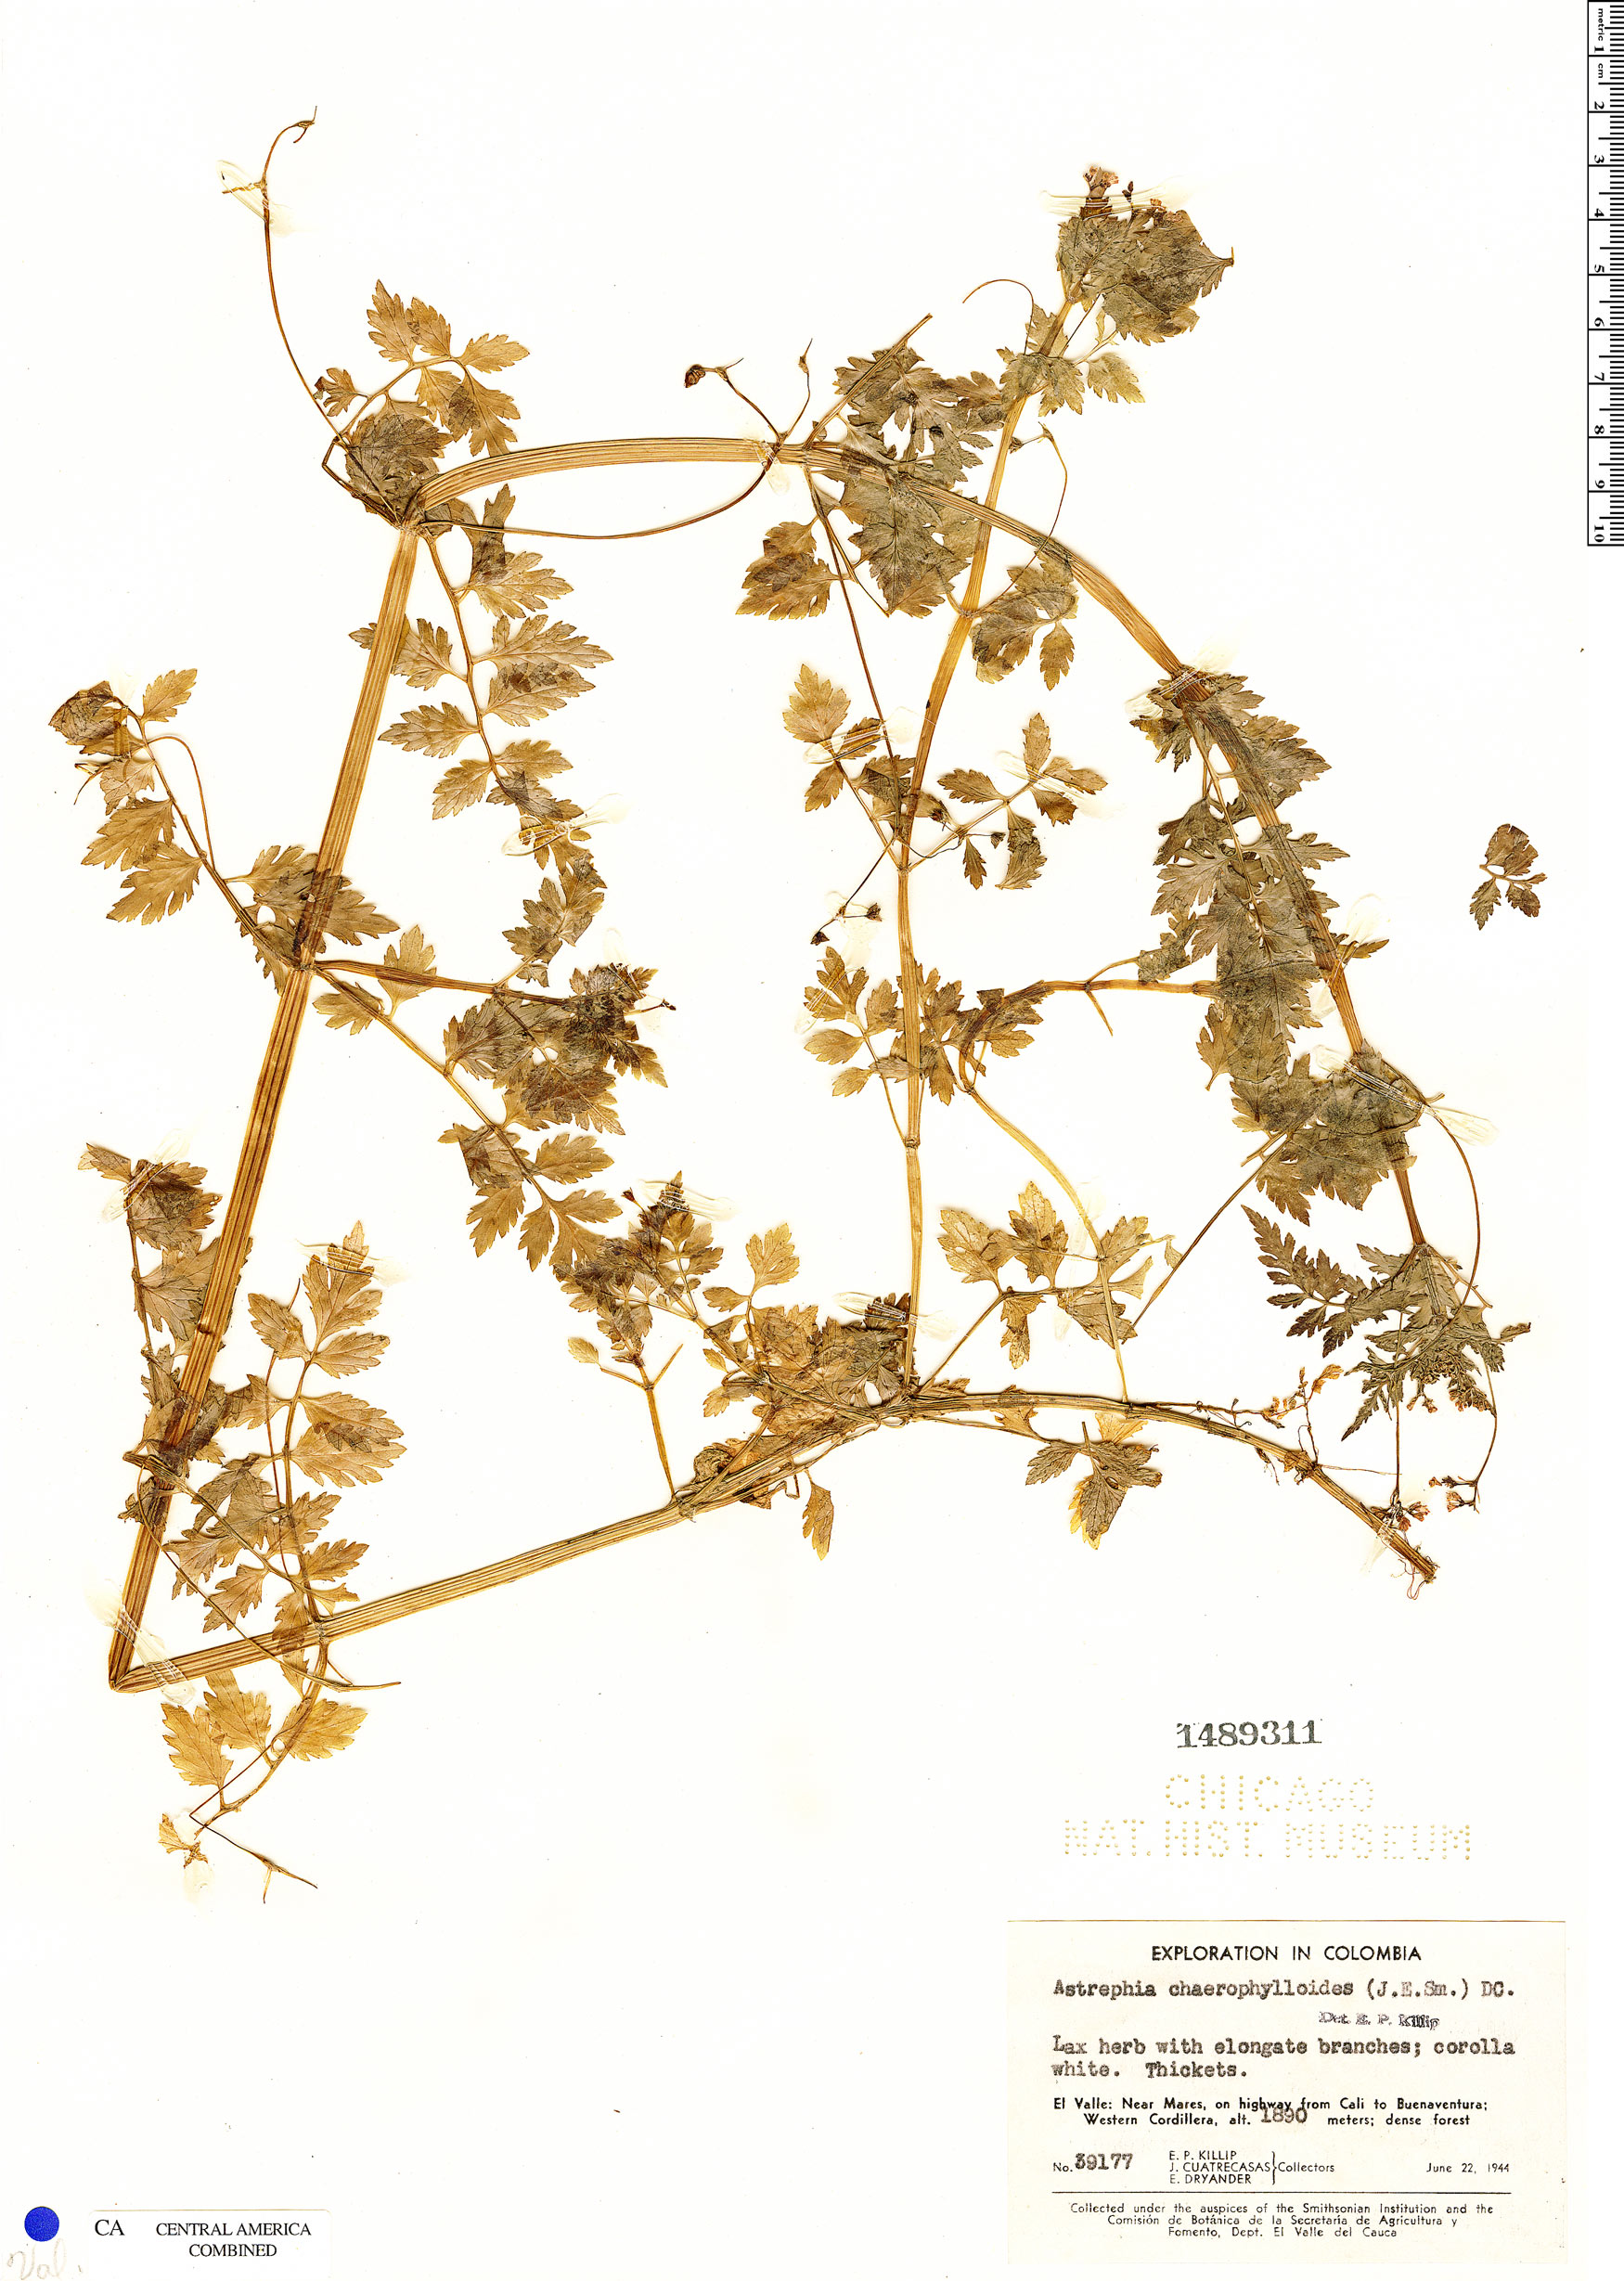 Astrephia chaerophylloides image